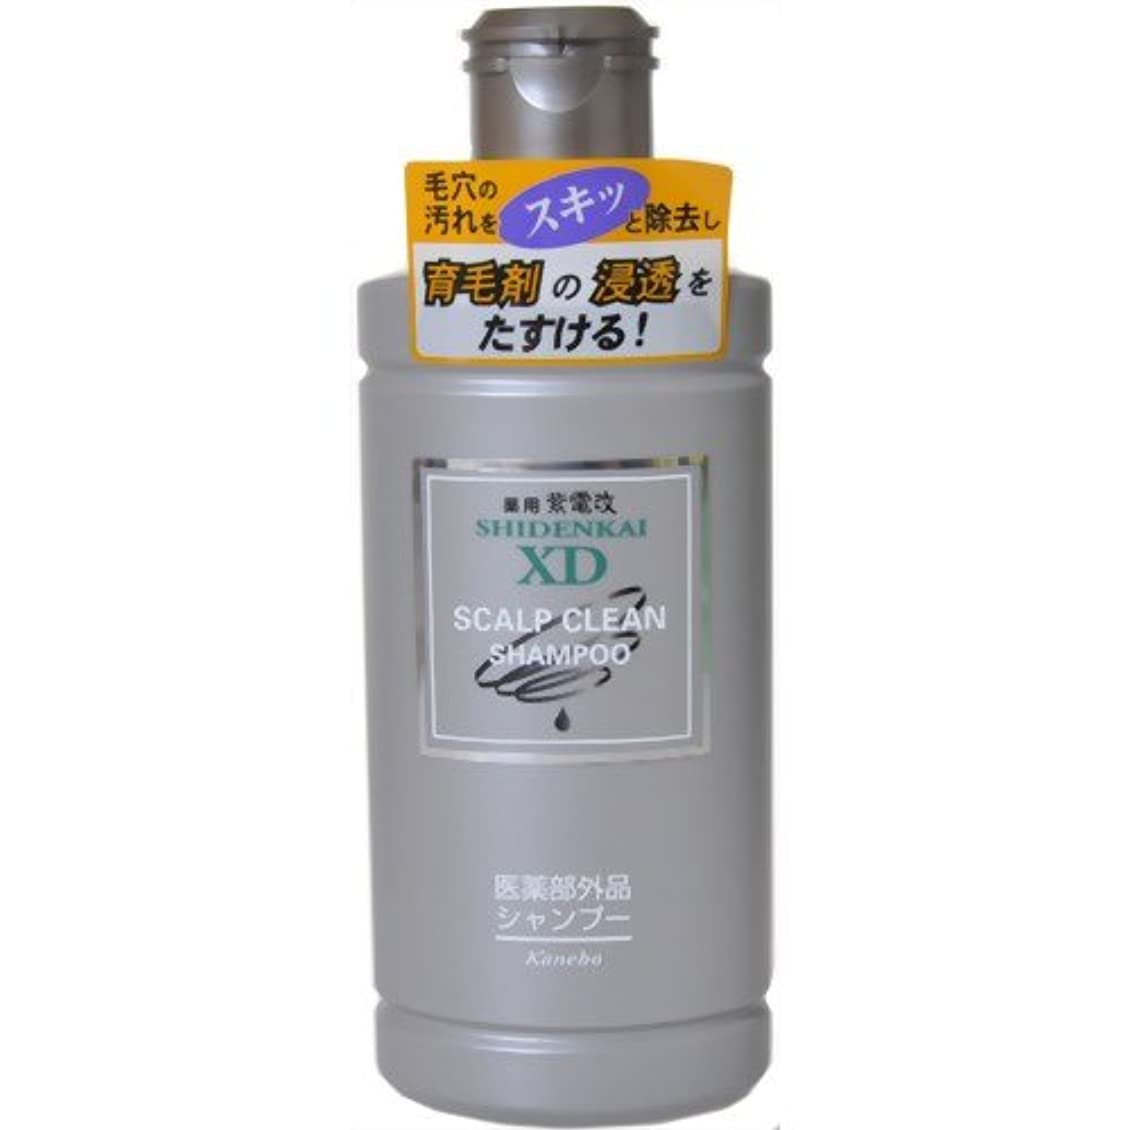 カネボウ 薬用紫電改X.Dシャンプー 250ml